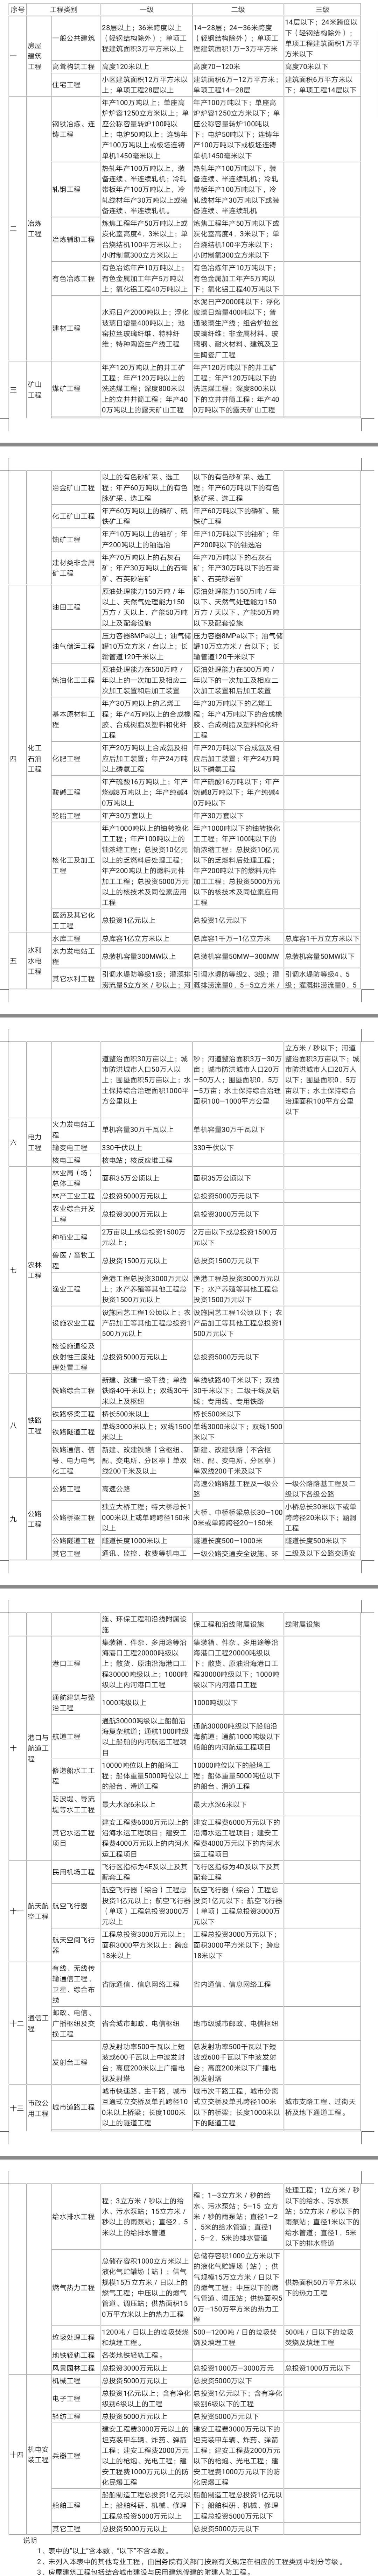 专业工程类别和等级表.jpg